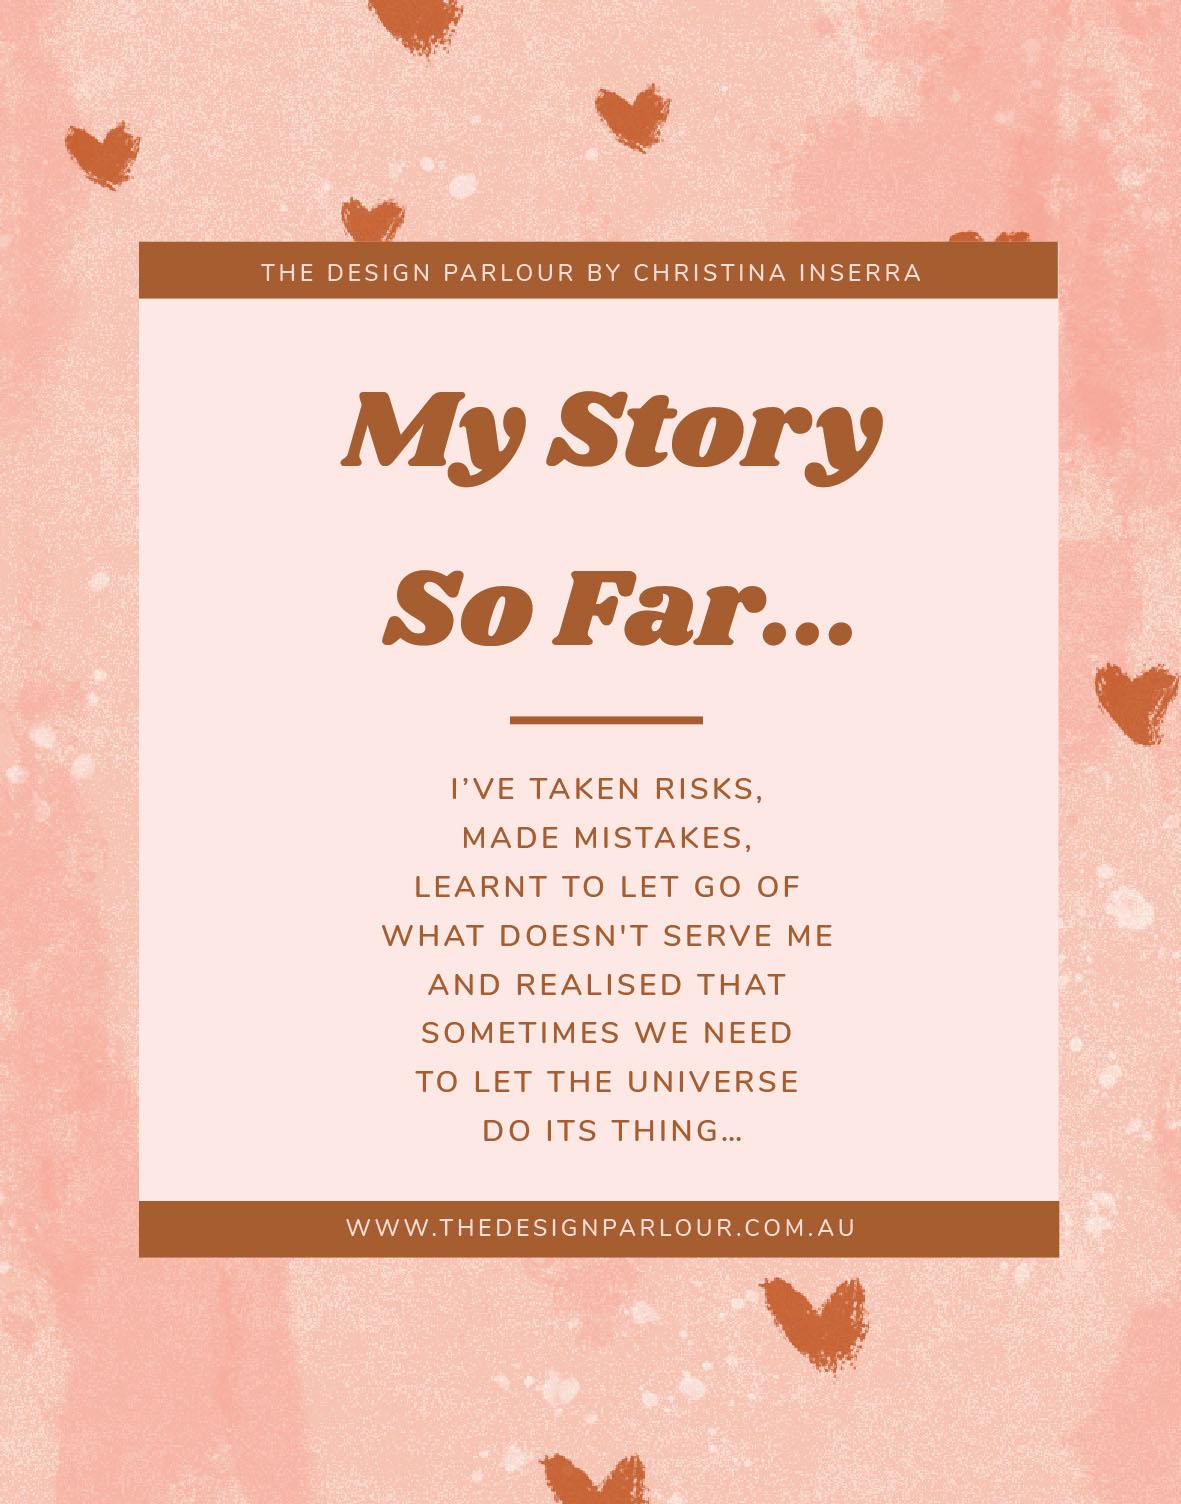 My Story So far- The Design Parlour-06.jpg